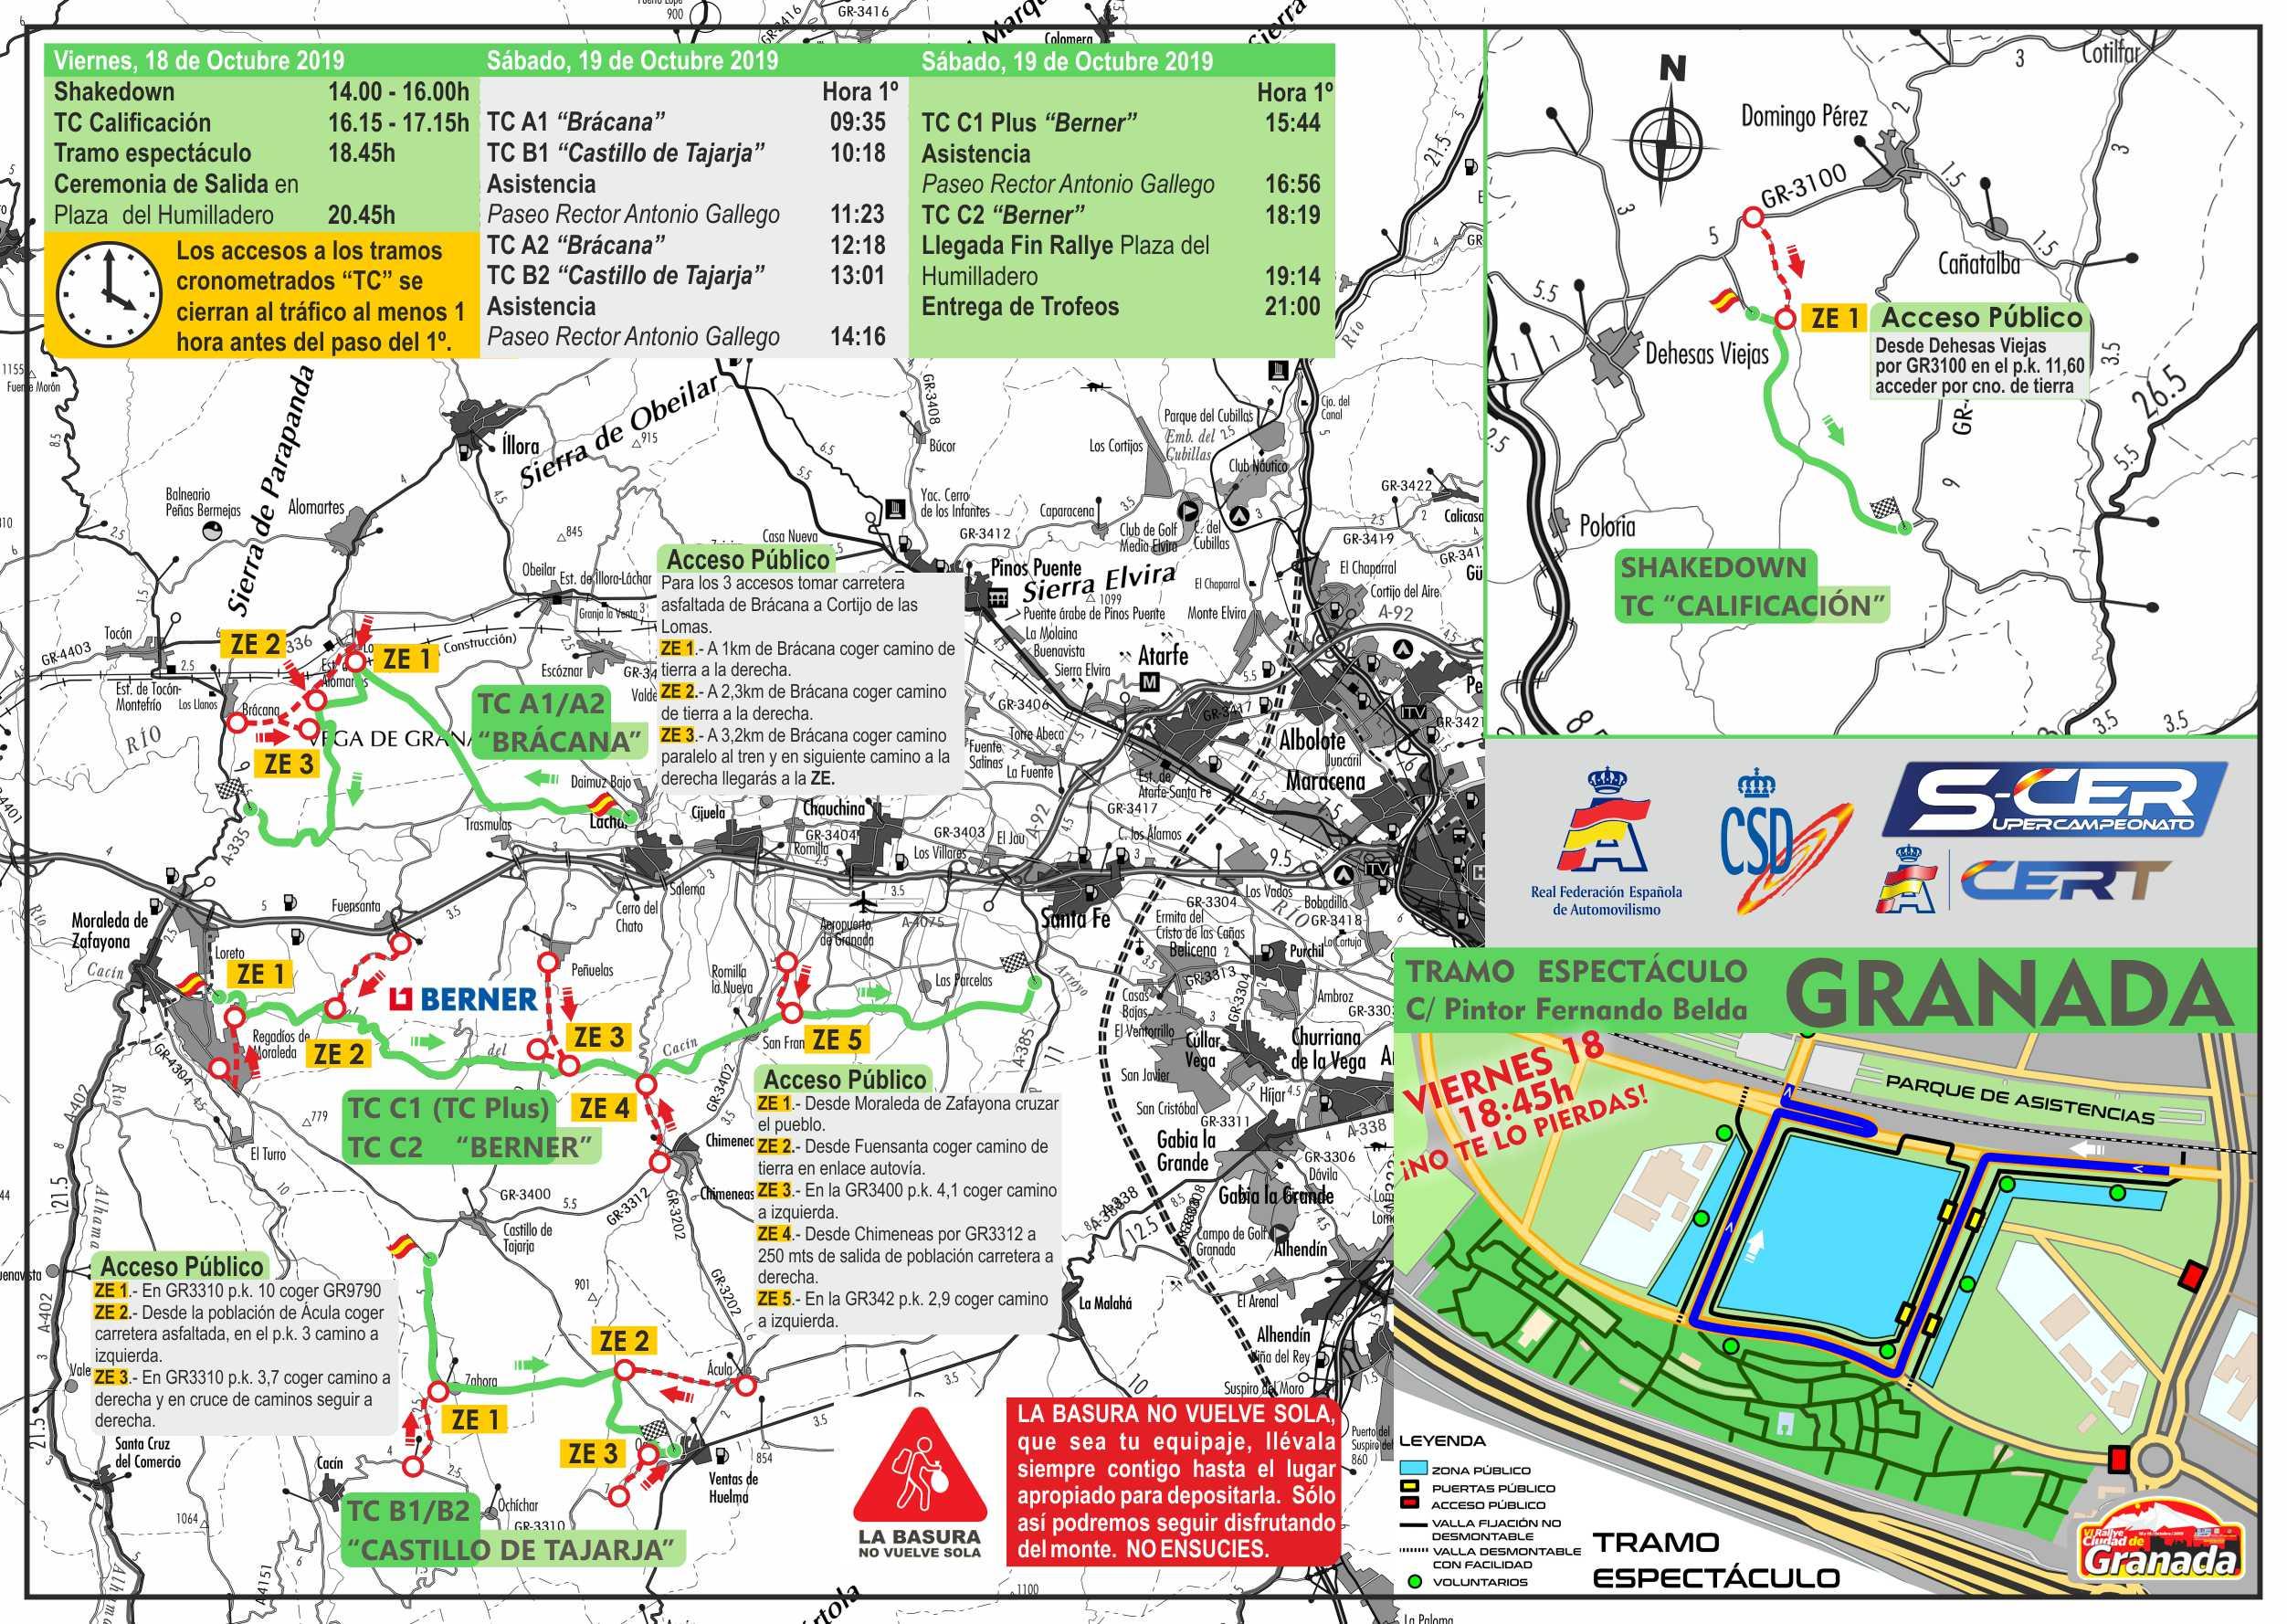 SCER + CERT: VI Rallye Ciudad de Granada [18-19 Octubre] Granada2019